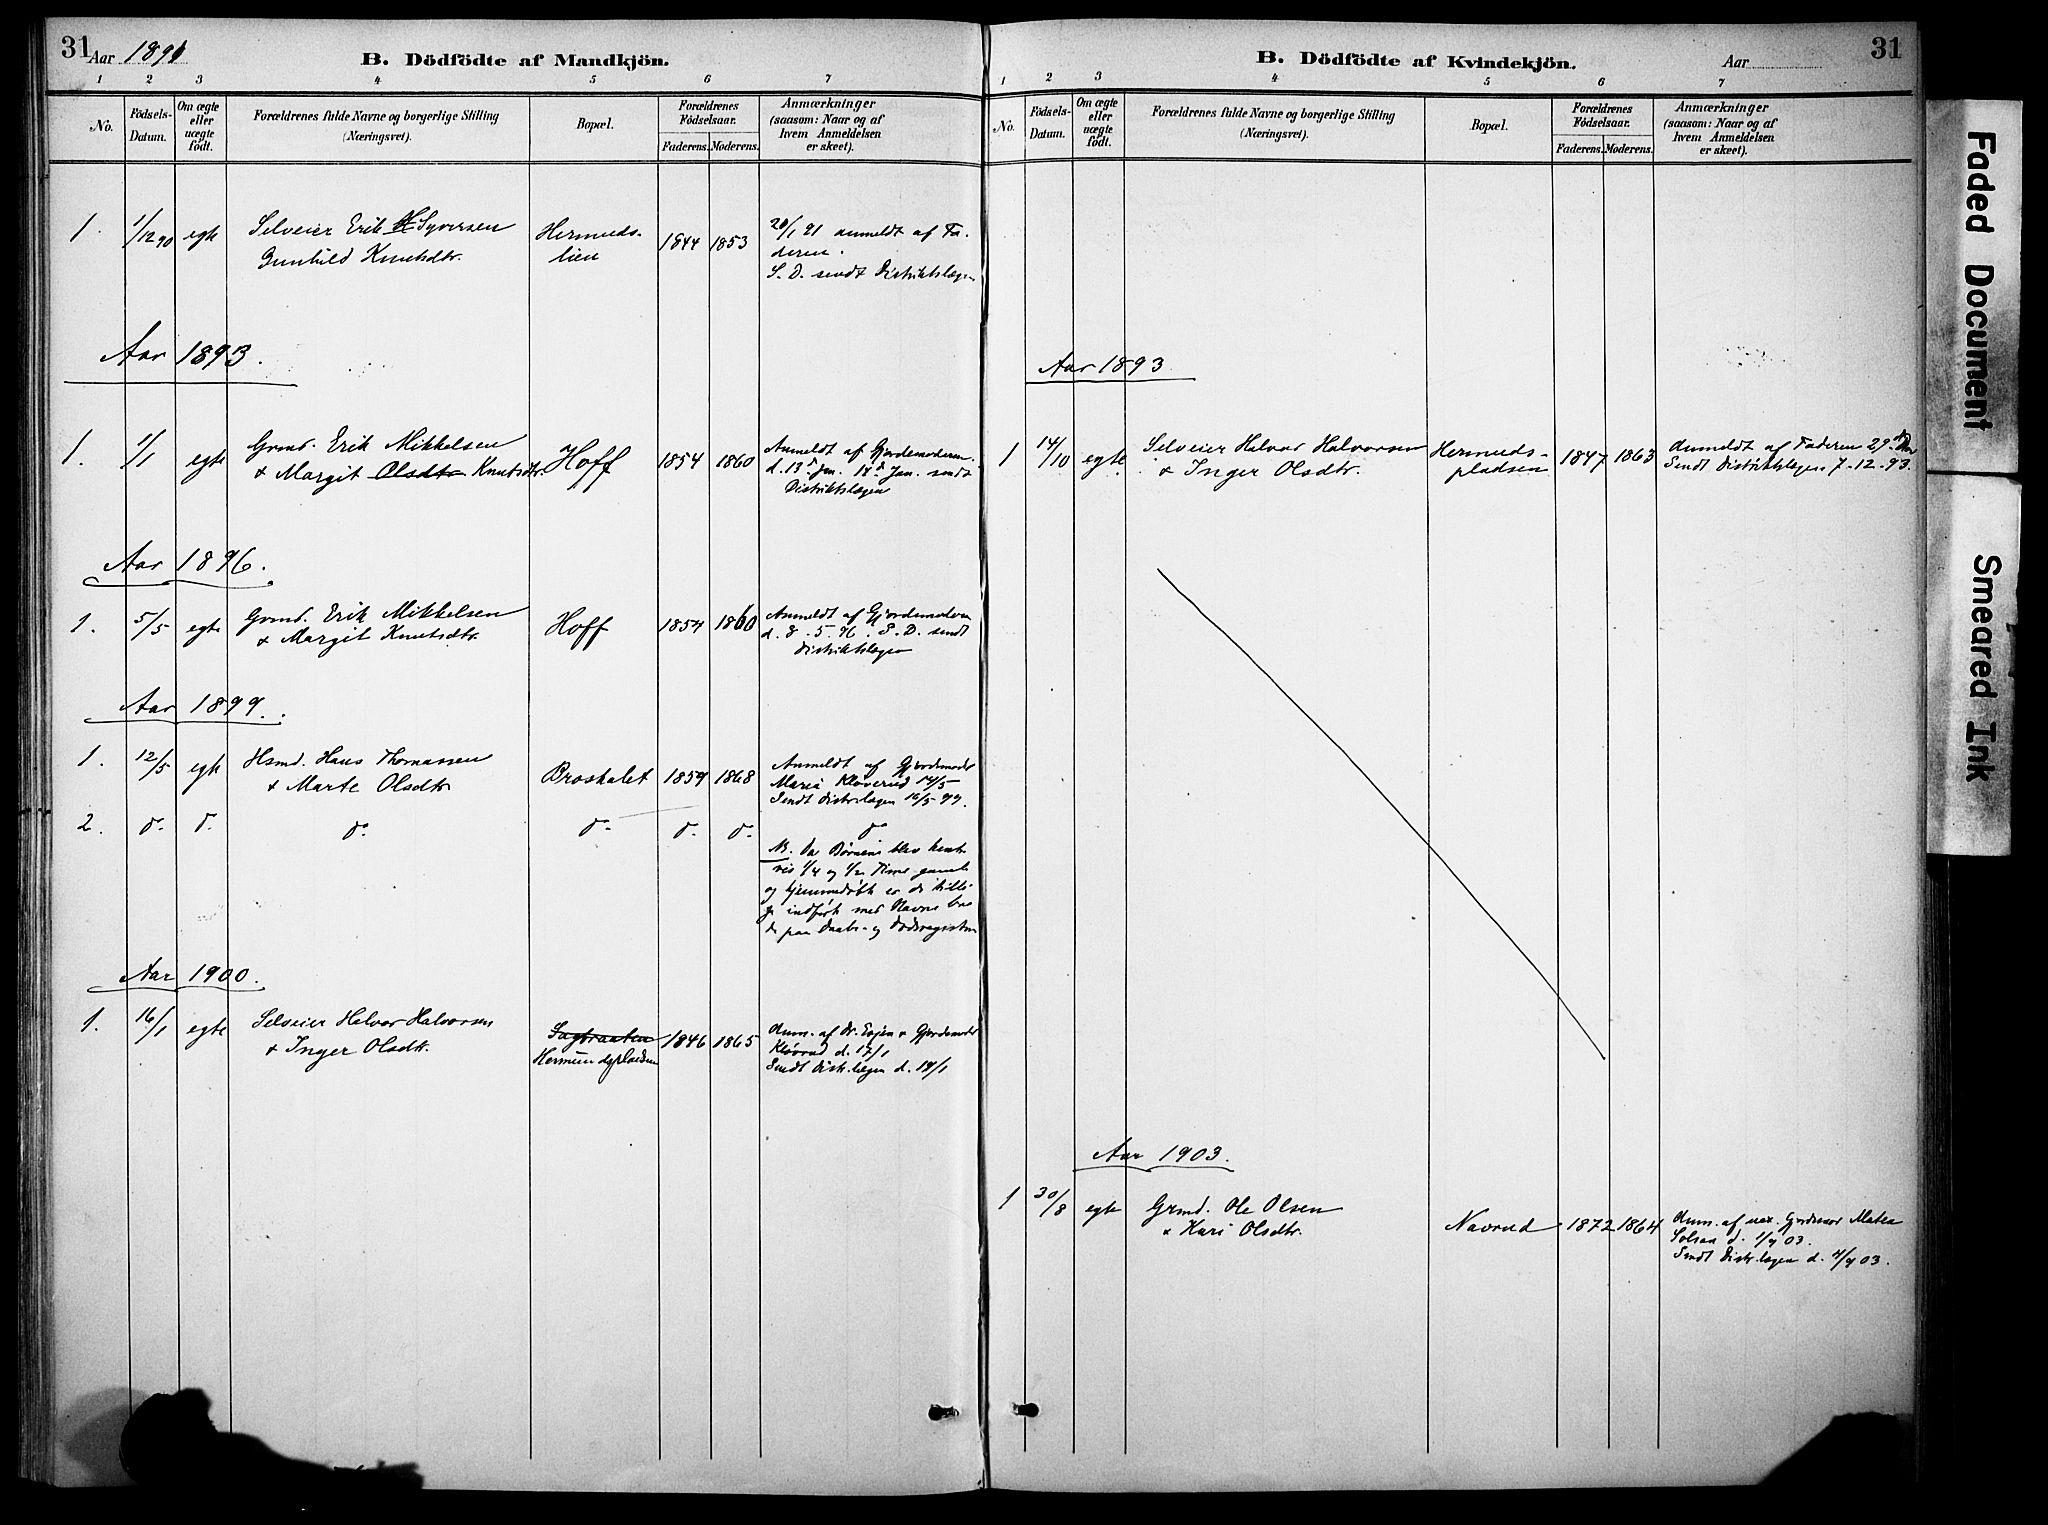 SAH, Sør-Aurdal prestekontor, Ministerialbok nr. 10, 1886-1906, s. 31